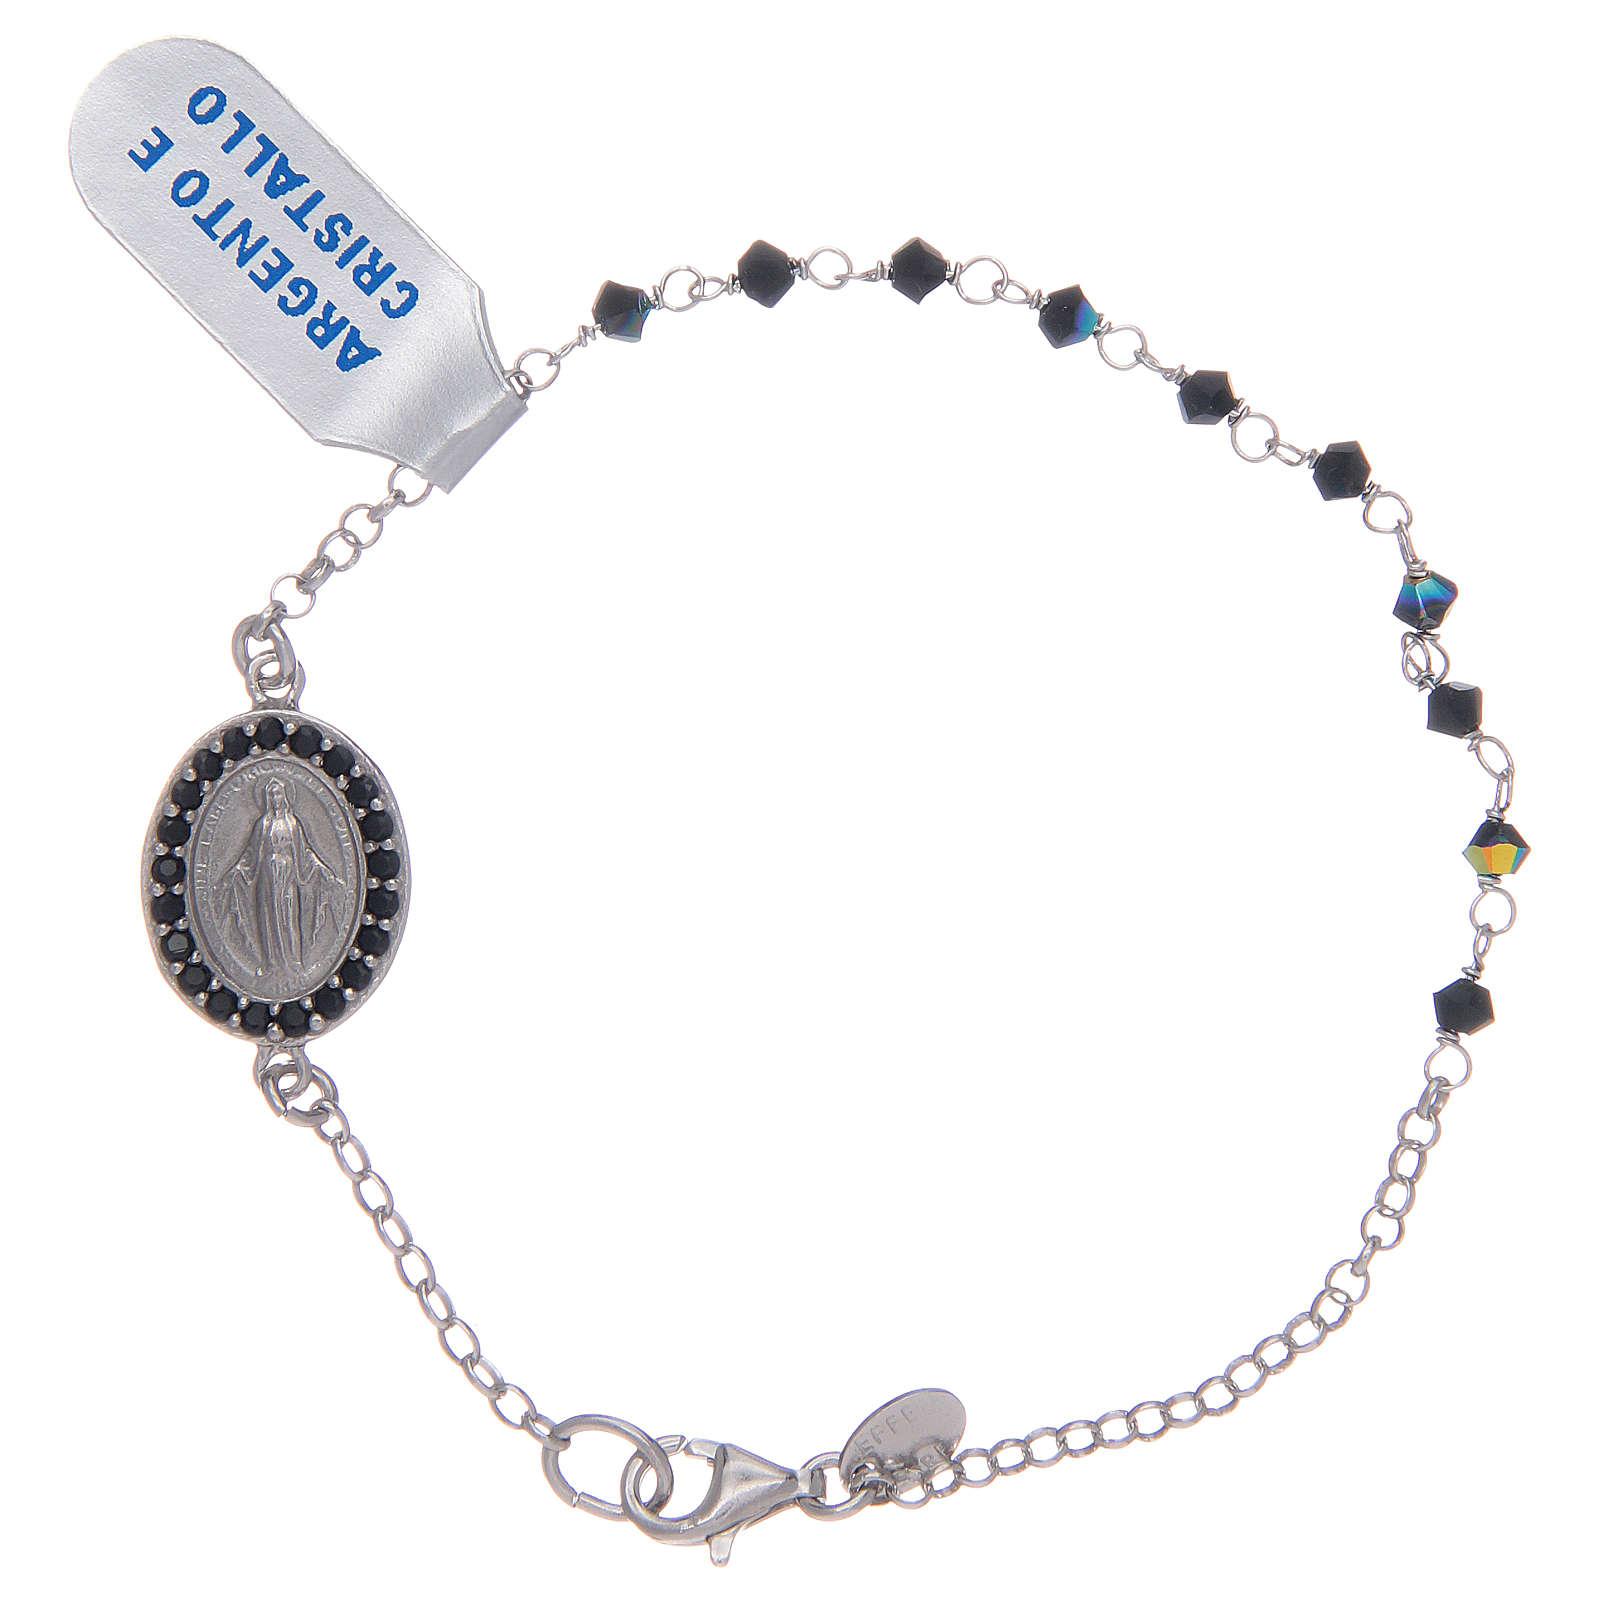 Bracciale medaglietta miracolosa zirconi di colore nero in argento 925 4